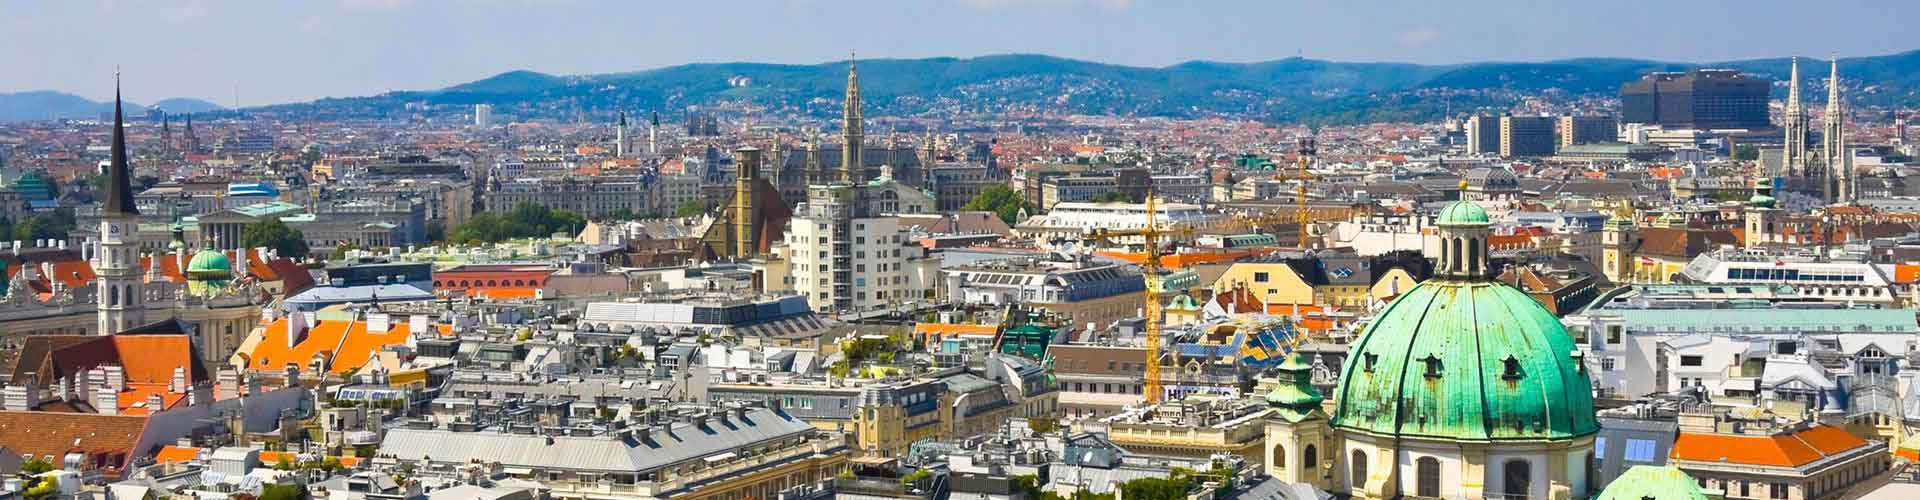 Vídeň - Hostelů v Vídeň. Mapy pro Vídeň, fotky a recenze pro každý hostel v Vídeň.